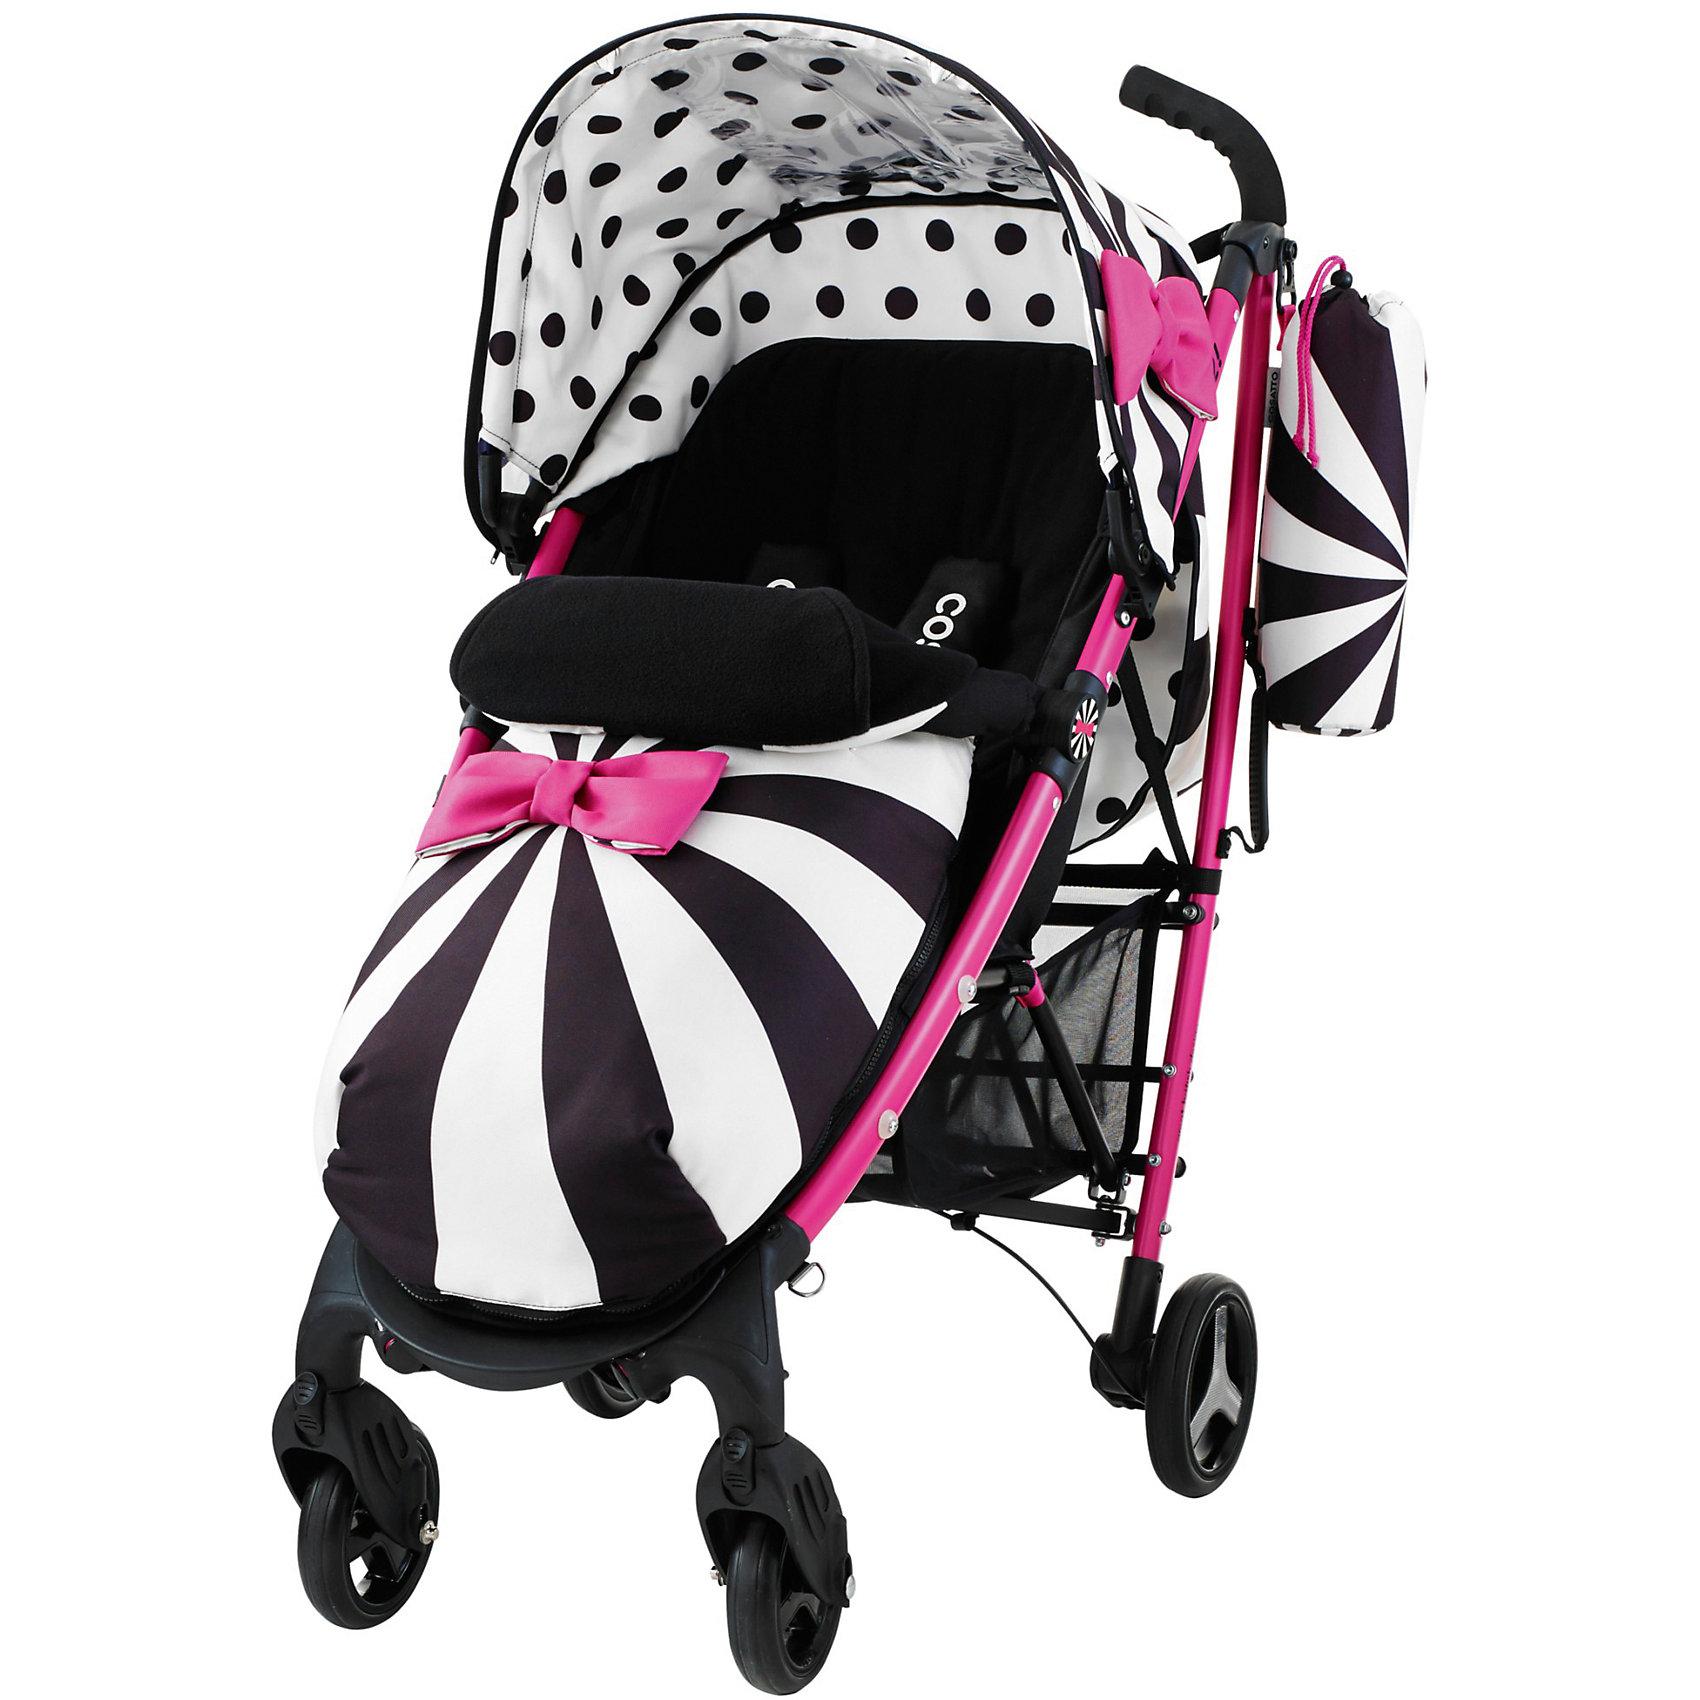 Прогулочная коляска YO 2, Cosatto, Go Lightly 2Комфортная прогулочная коляска – залог приятного пешего приключения мамы и малыша. Дизайн и функциональность одновременно – вот главное преимущество новой модели. Все материалы, использованные при изготовлении, безопасны и отвечают требованиям по качеству продукции.<br><br>Дополнительные характеристики: <br><br>цвет: Go Lightly 2;<br>возраст: 0-3 года;<br>механизм складывания: трость;<br>регулировка спинки;<br>пятиточечные ремни безопасности;<br>габариты: 80 х 44,5 х 102 см;<br>материал шасси: алюминий;<br>комплектация: блок для прогулок, складывающиеся шасси, подголовник, подстаканник, защита от дождя и солнца, регулируемая ручка, чехол для ножек.<br><br>Прогулочную коляску YO 2от компании Cosatto можно приобрести в нашем магазине.<br><br>Ширина мм: 1020<br>Глубина мм: 340<br>Высота мм: 250<br>Вес г: 12000<br>Возраст от месяцев: 6<br>Возраст до месяцев: 36<br>Пол: Унисекс<br>Возраст: Детский<br>SKU: 5025708